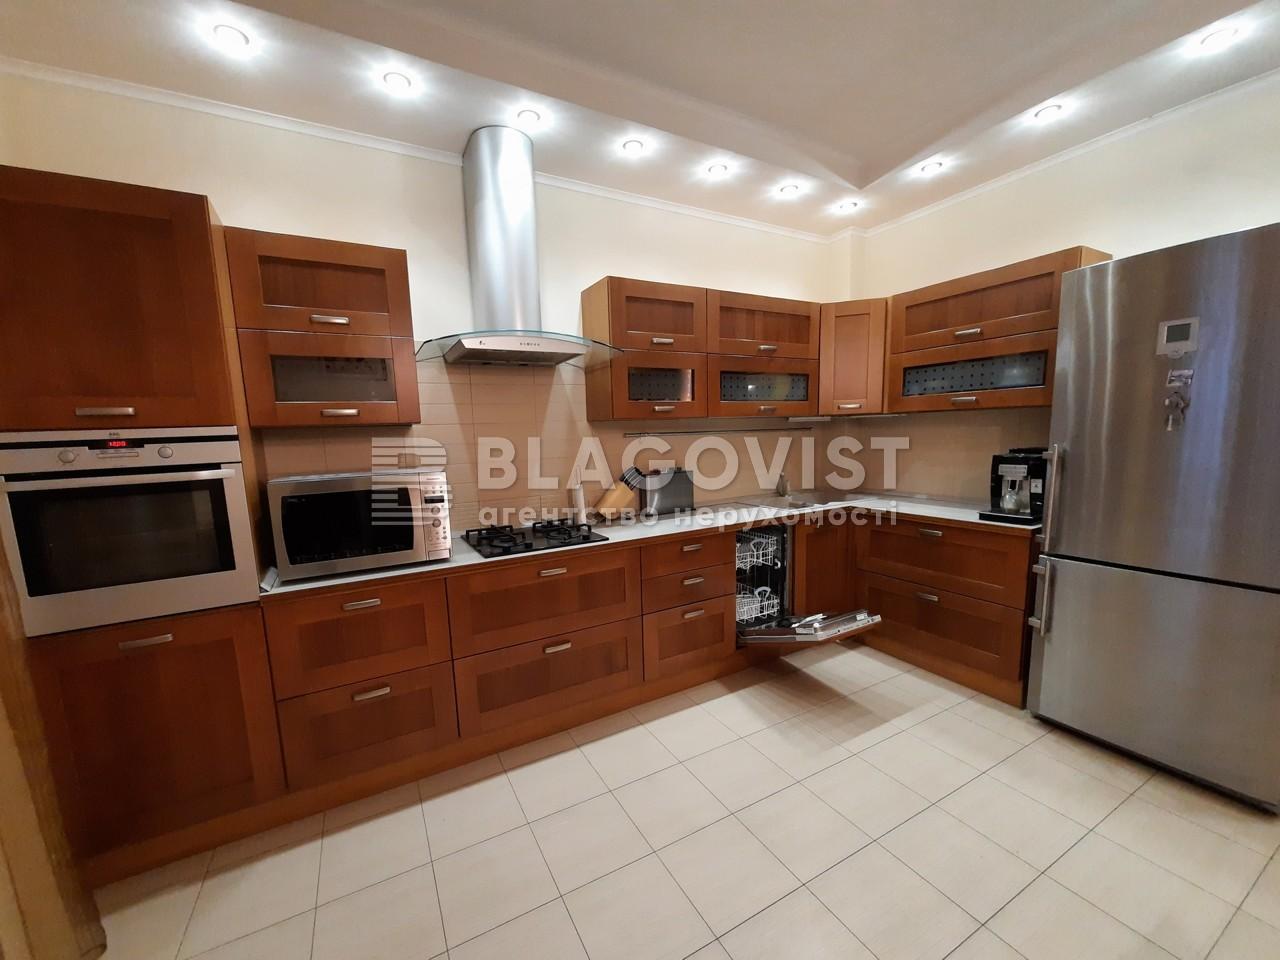 Квартира G-24641, Волошская, 51/27, Киев - Фото 13